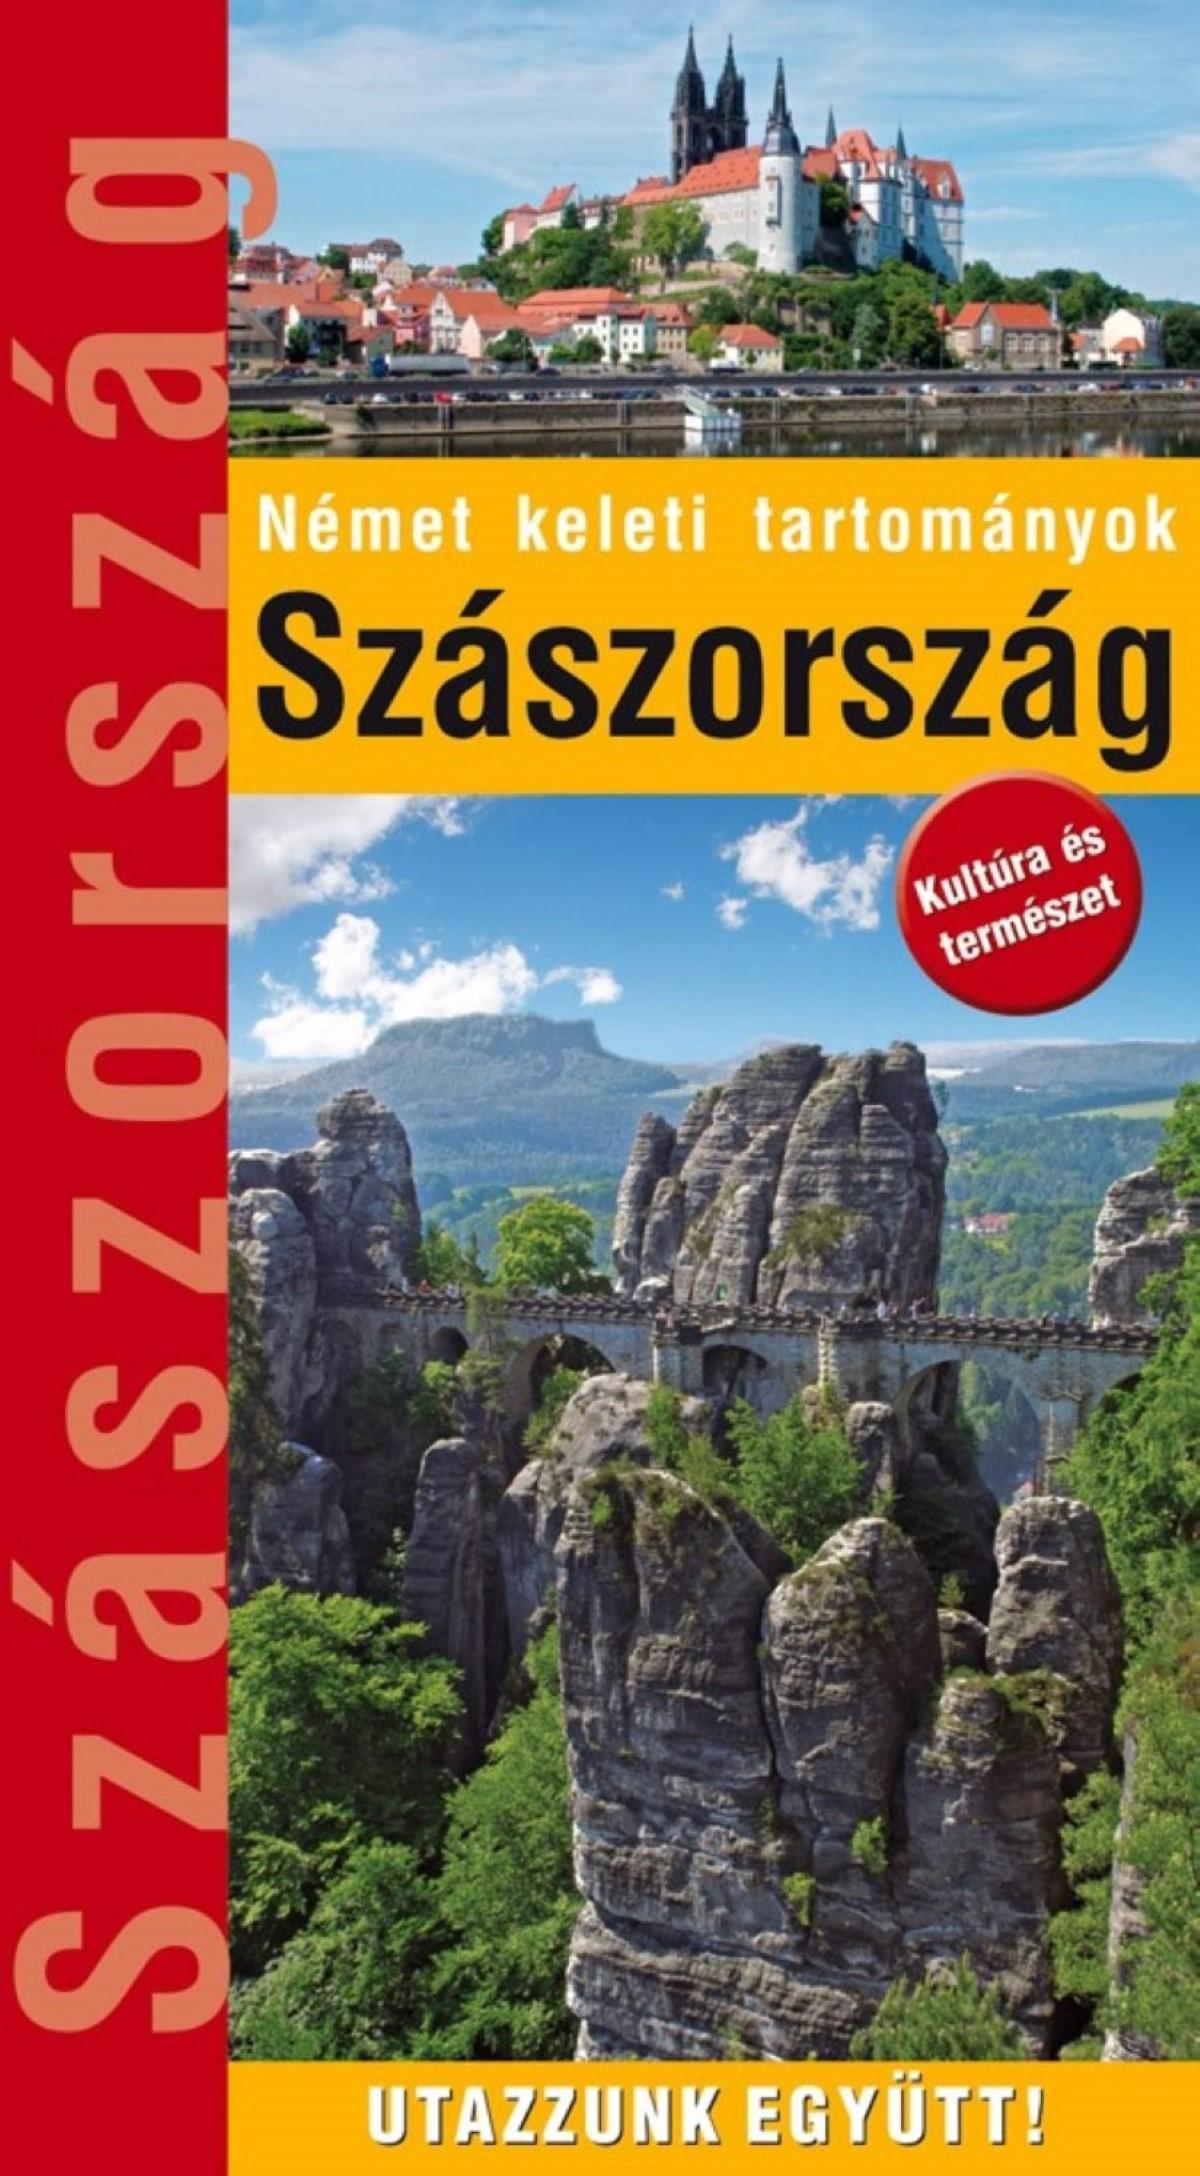 Szászország útikönyv borítója